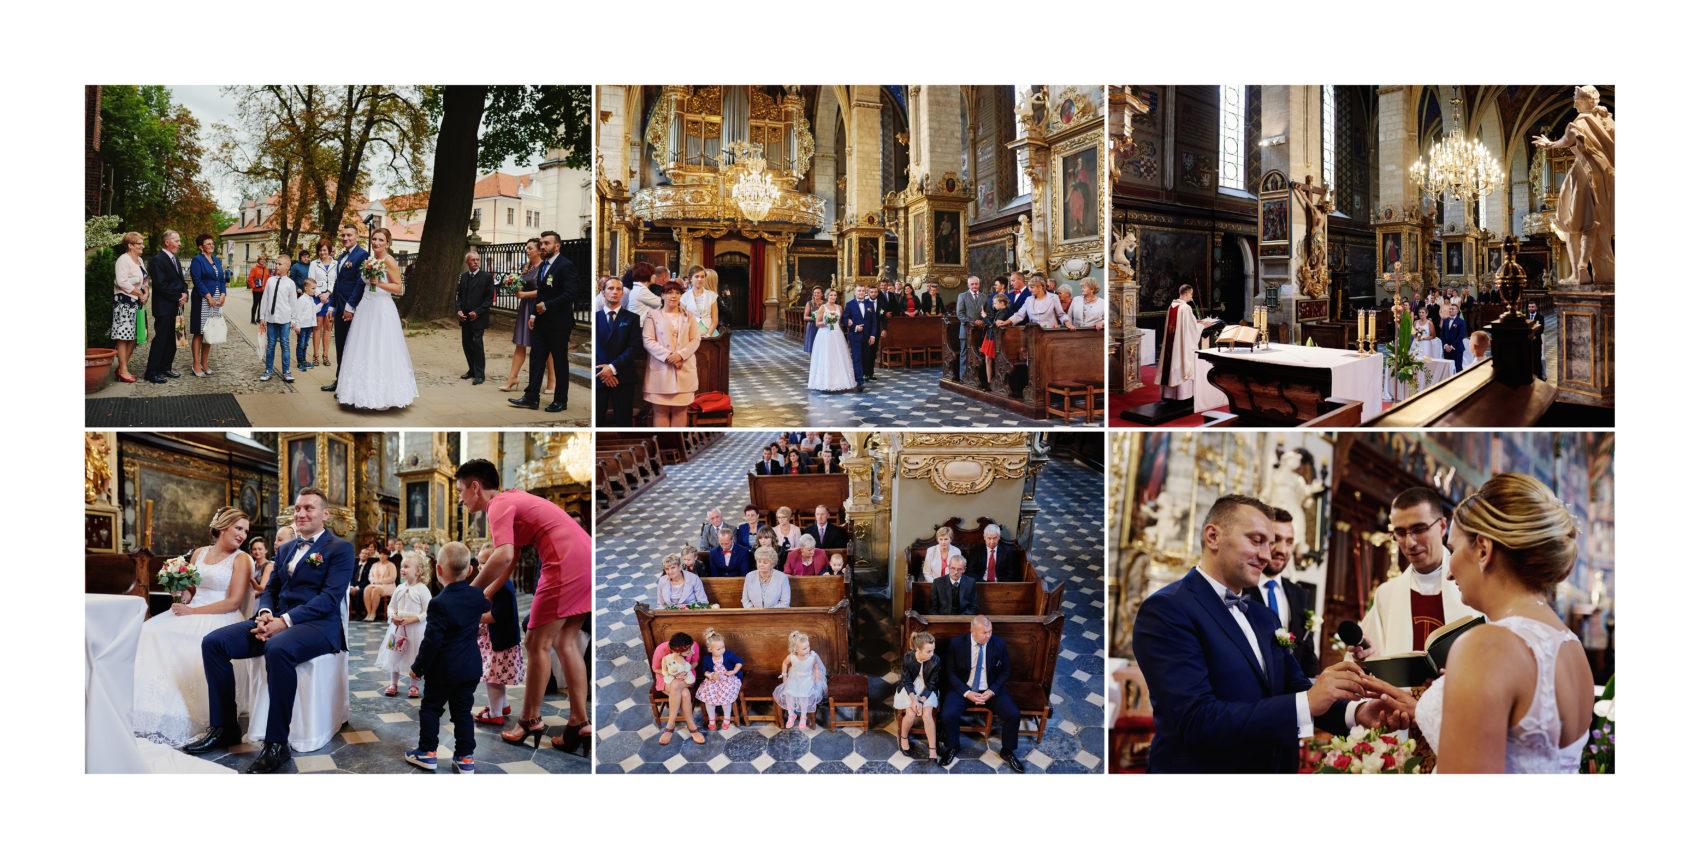 Najlepsza oferta ślubna w Sandomierzu. Ślub w pięknej katedrze, wesele w Rezydencji Sulisławice, fotograf na slub stalowa wola, fotograf slubny krakow